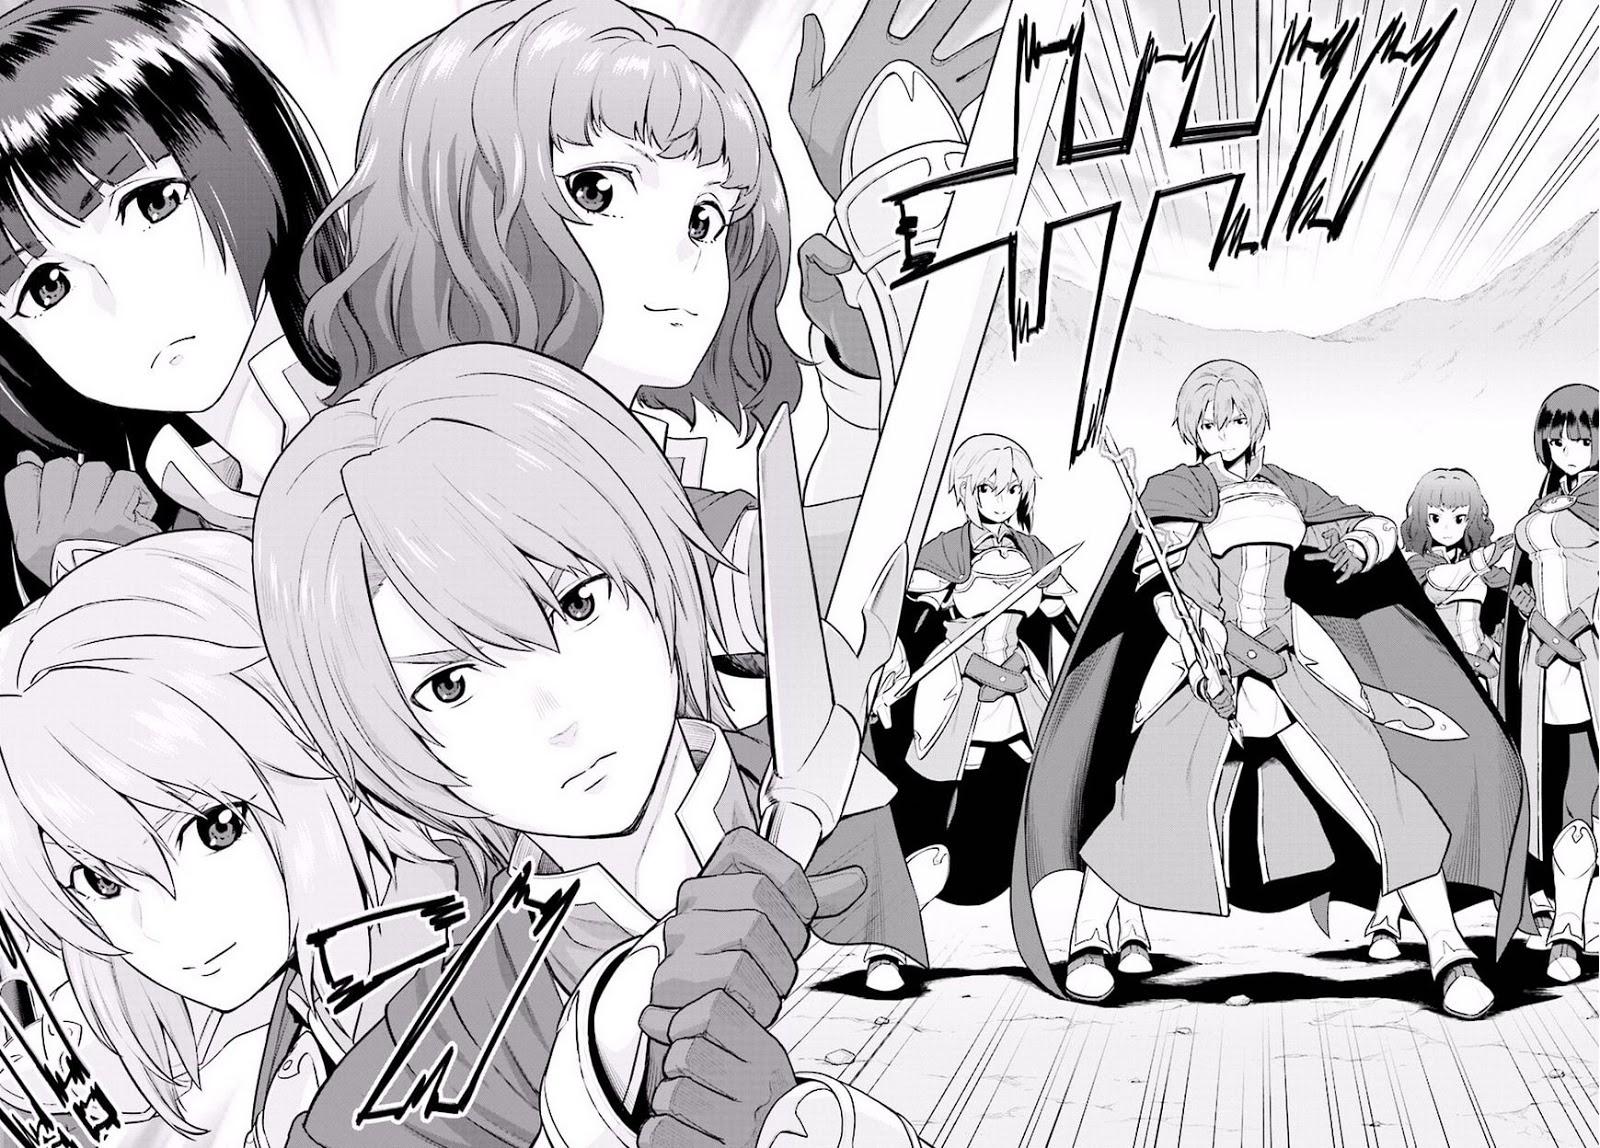 อ่านการ์ตูน Konjiki no Word Master 19 Part 2 ภาพที่ 8